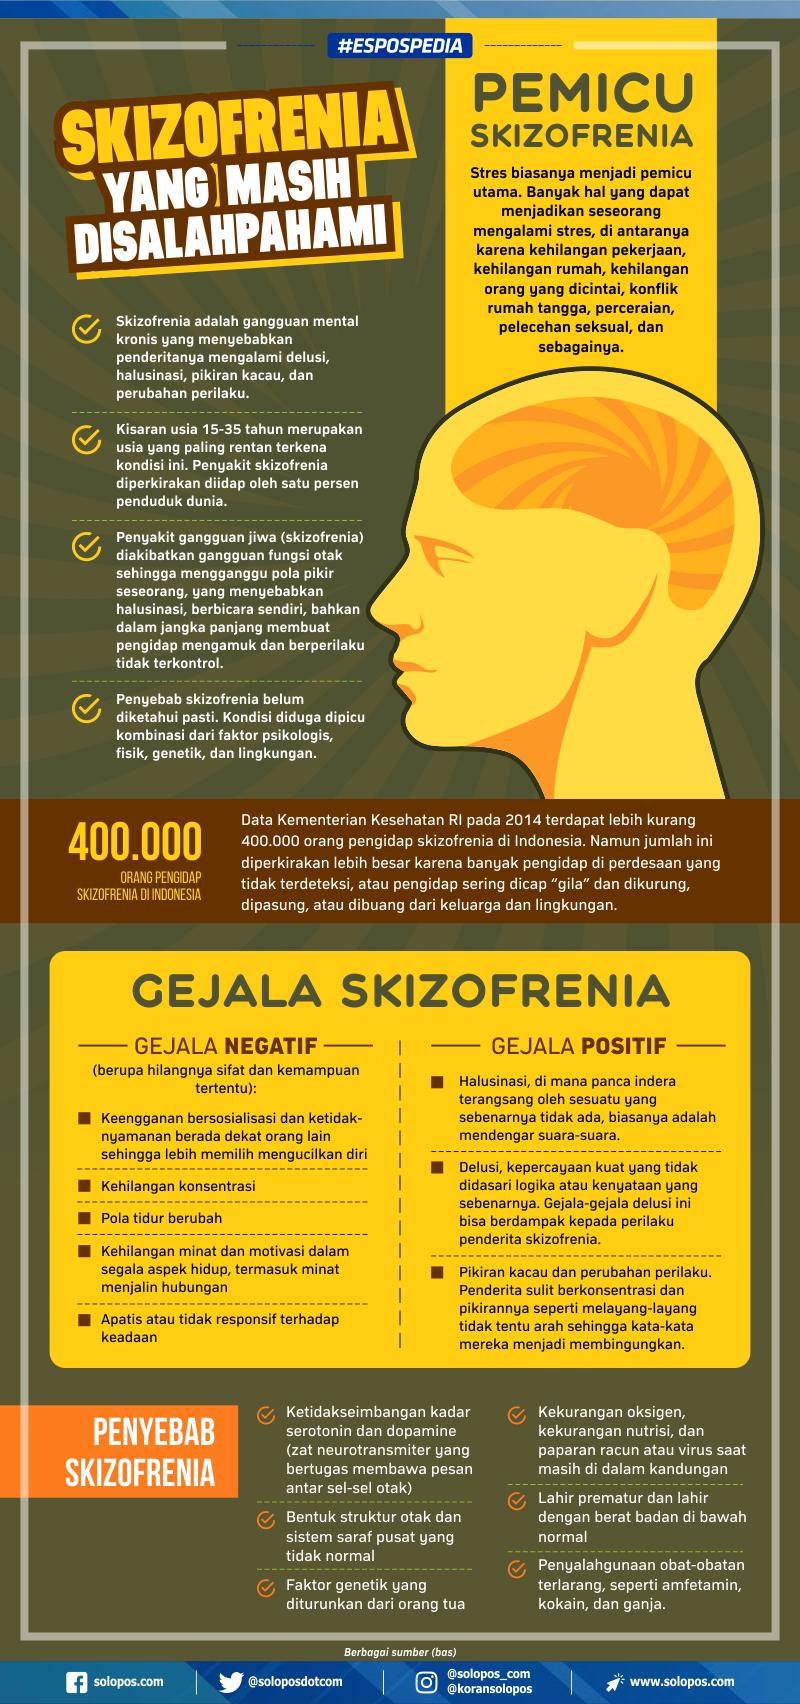 Skizofrenia Promosi Kesehatan Kesehatan Skizofrenia